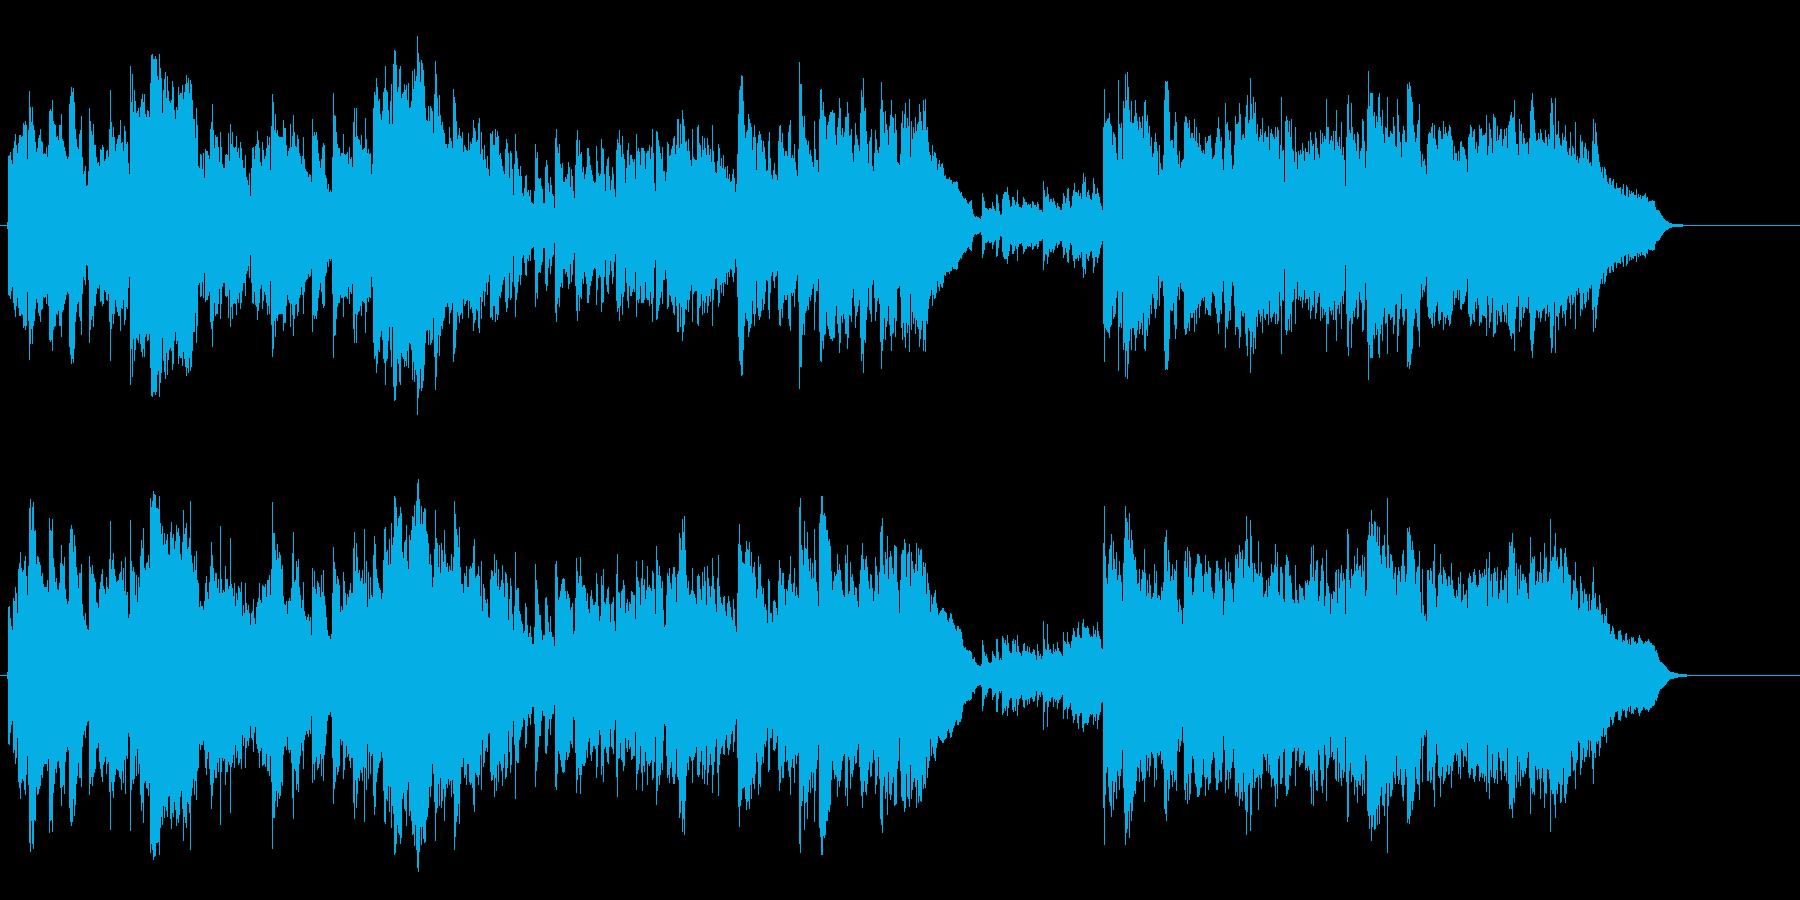 ヨーロッパ 草原 宮殿 ブライダル 皇室の再生済みの波形